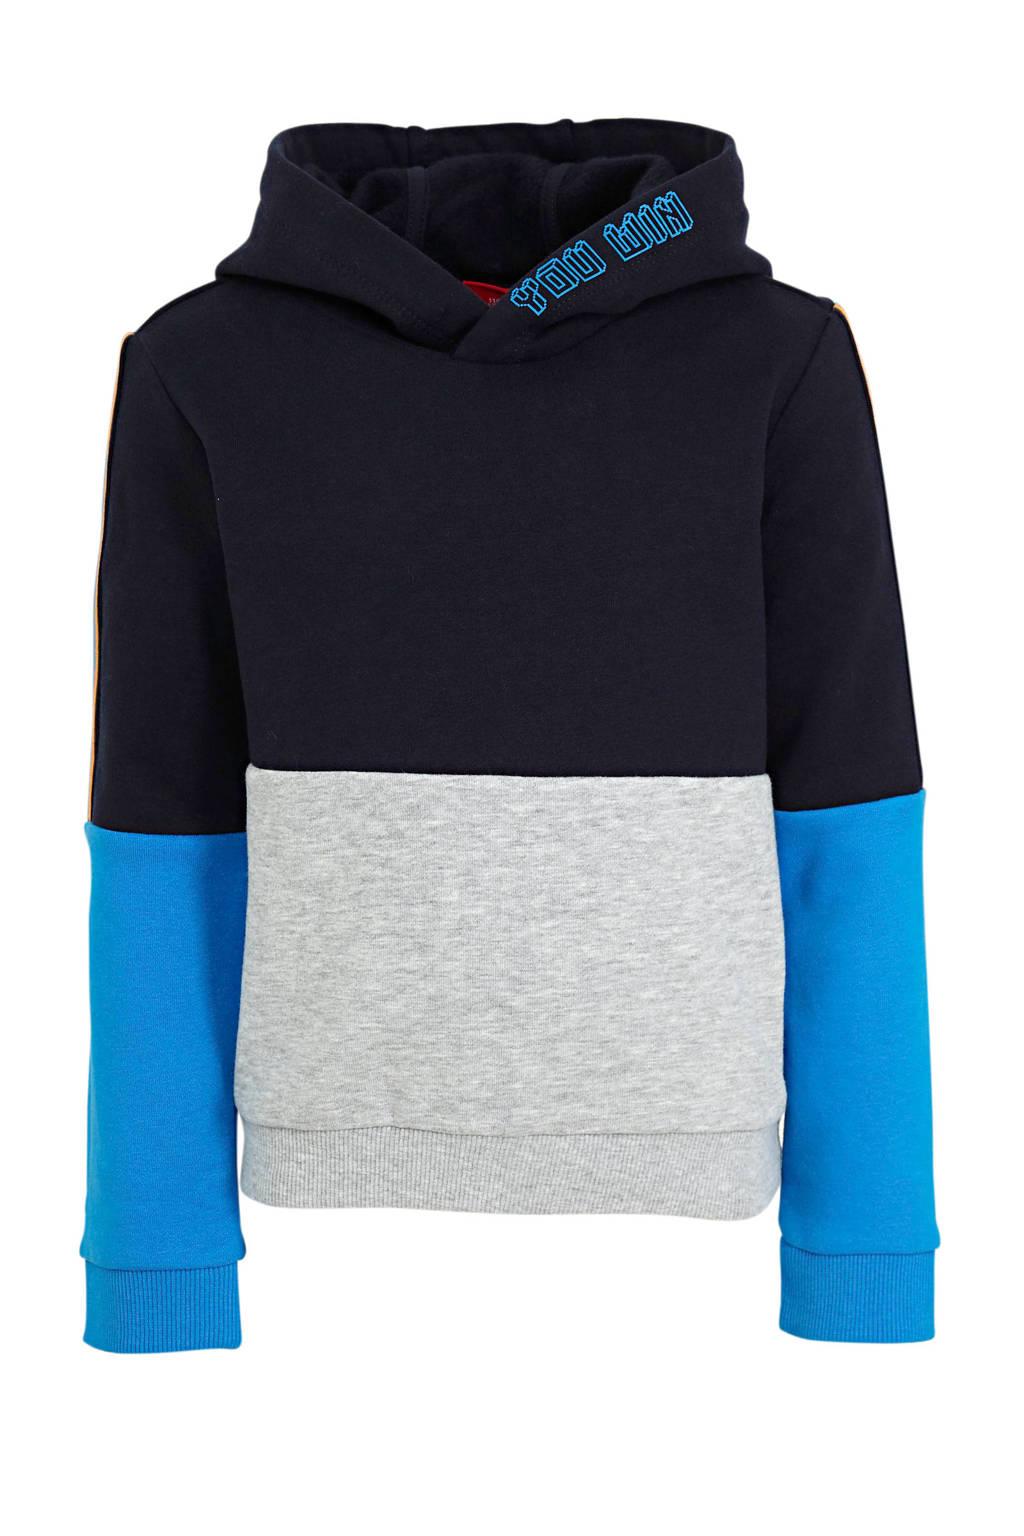 s.Oliver hoodie donkerblauw/blauw/grijs, Donkerblauw/blauw/grijs